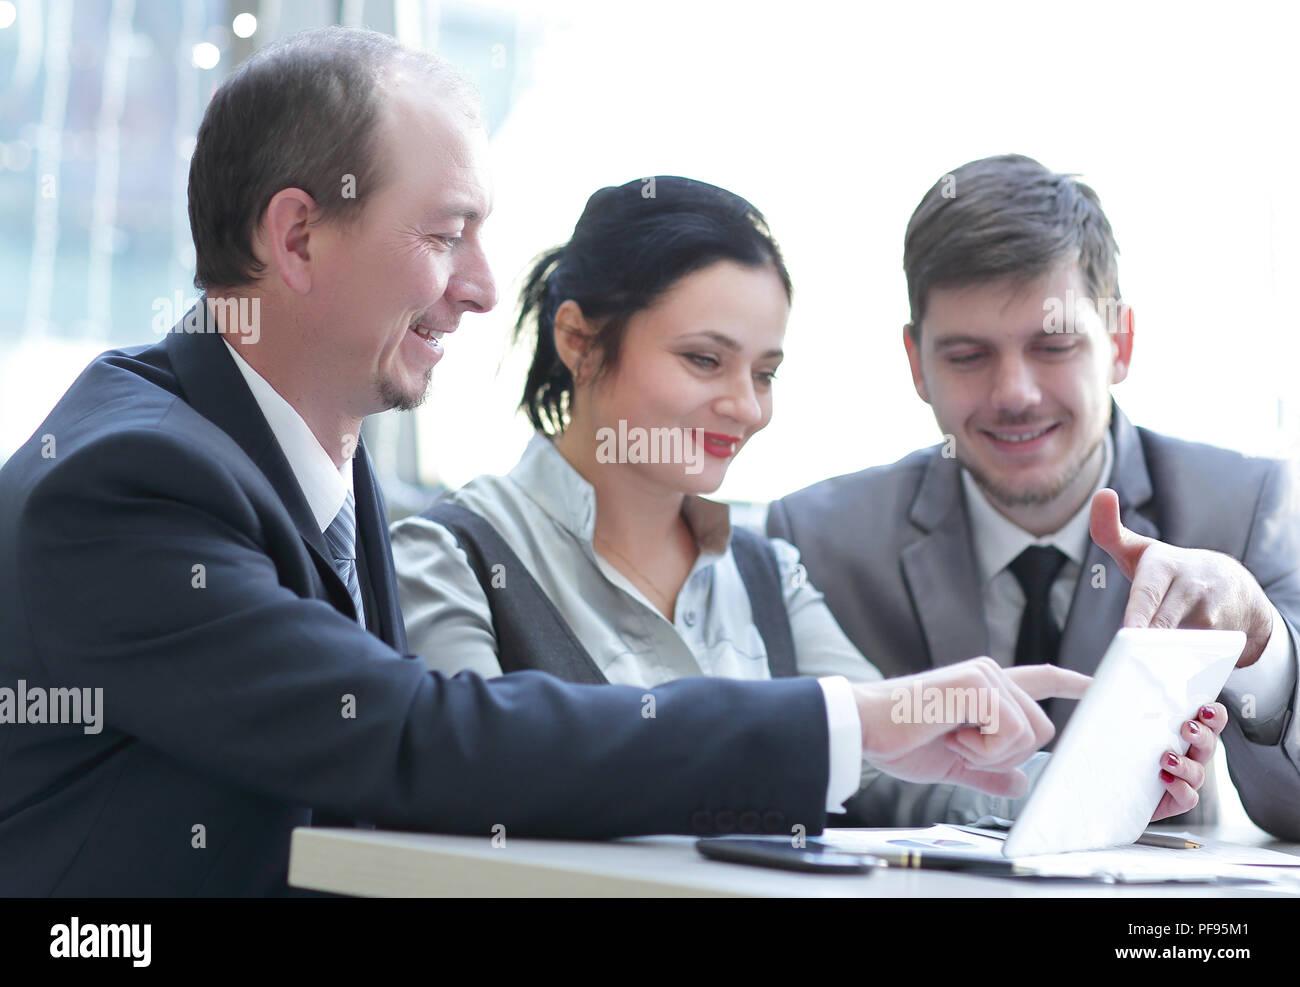 Equipo empresarial con tablet touchpad de reunión para analizar datos estadísticos. Imagen De Stock